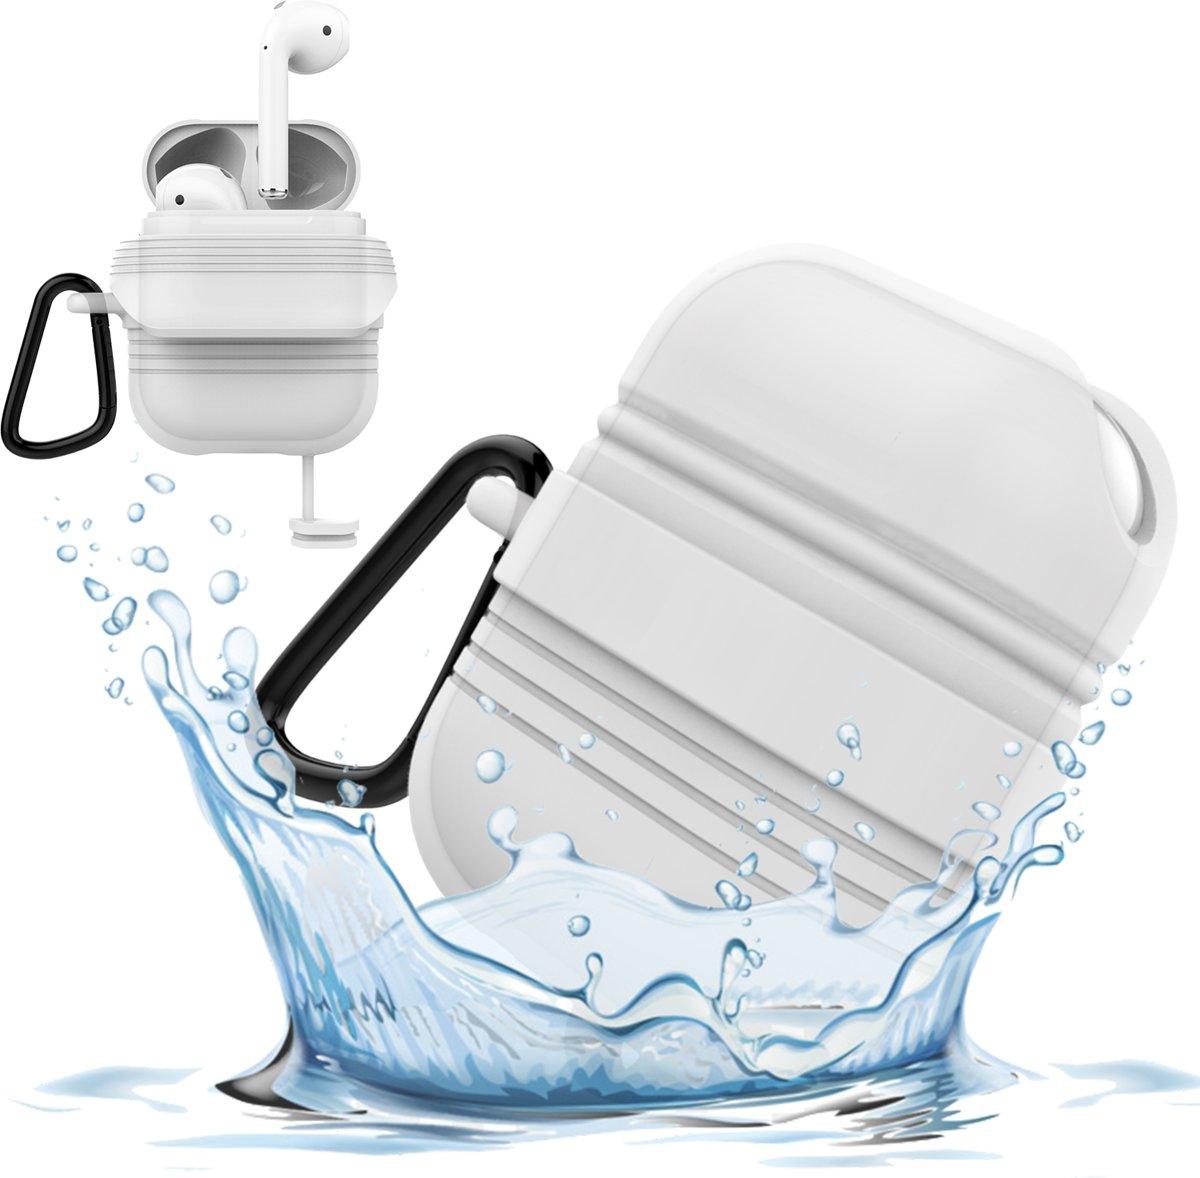 Airpods Hoesje voor Apple Airpods 1 / 2 - Waterdichte Case van iCall - Wit kopen